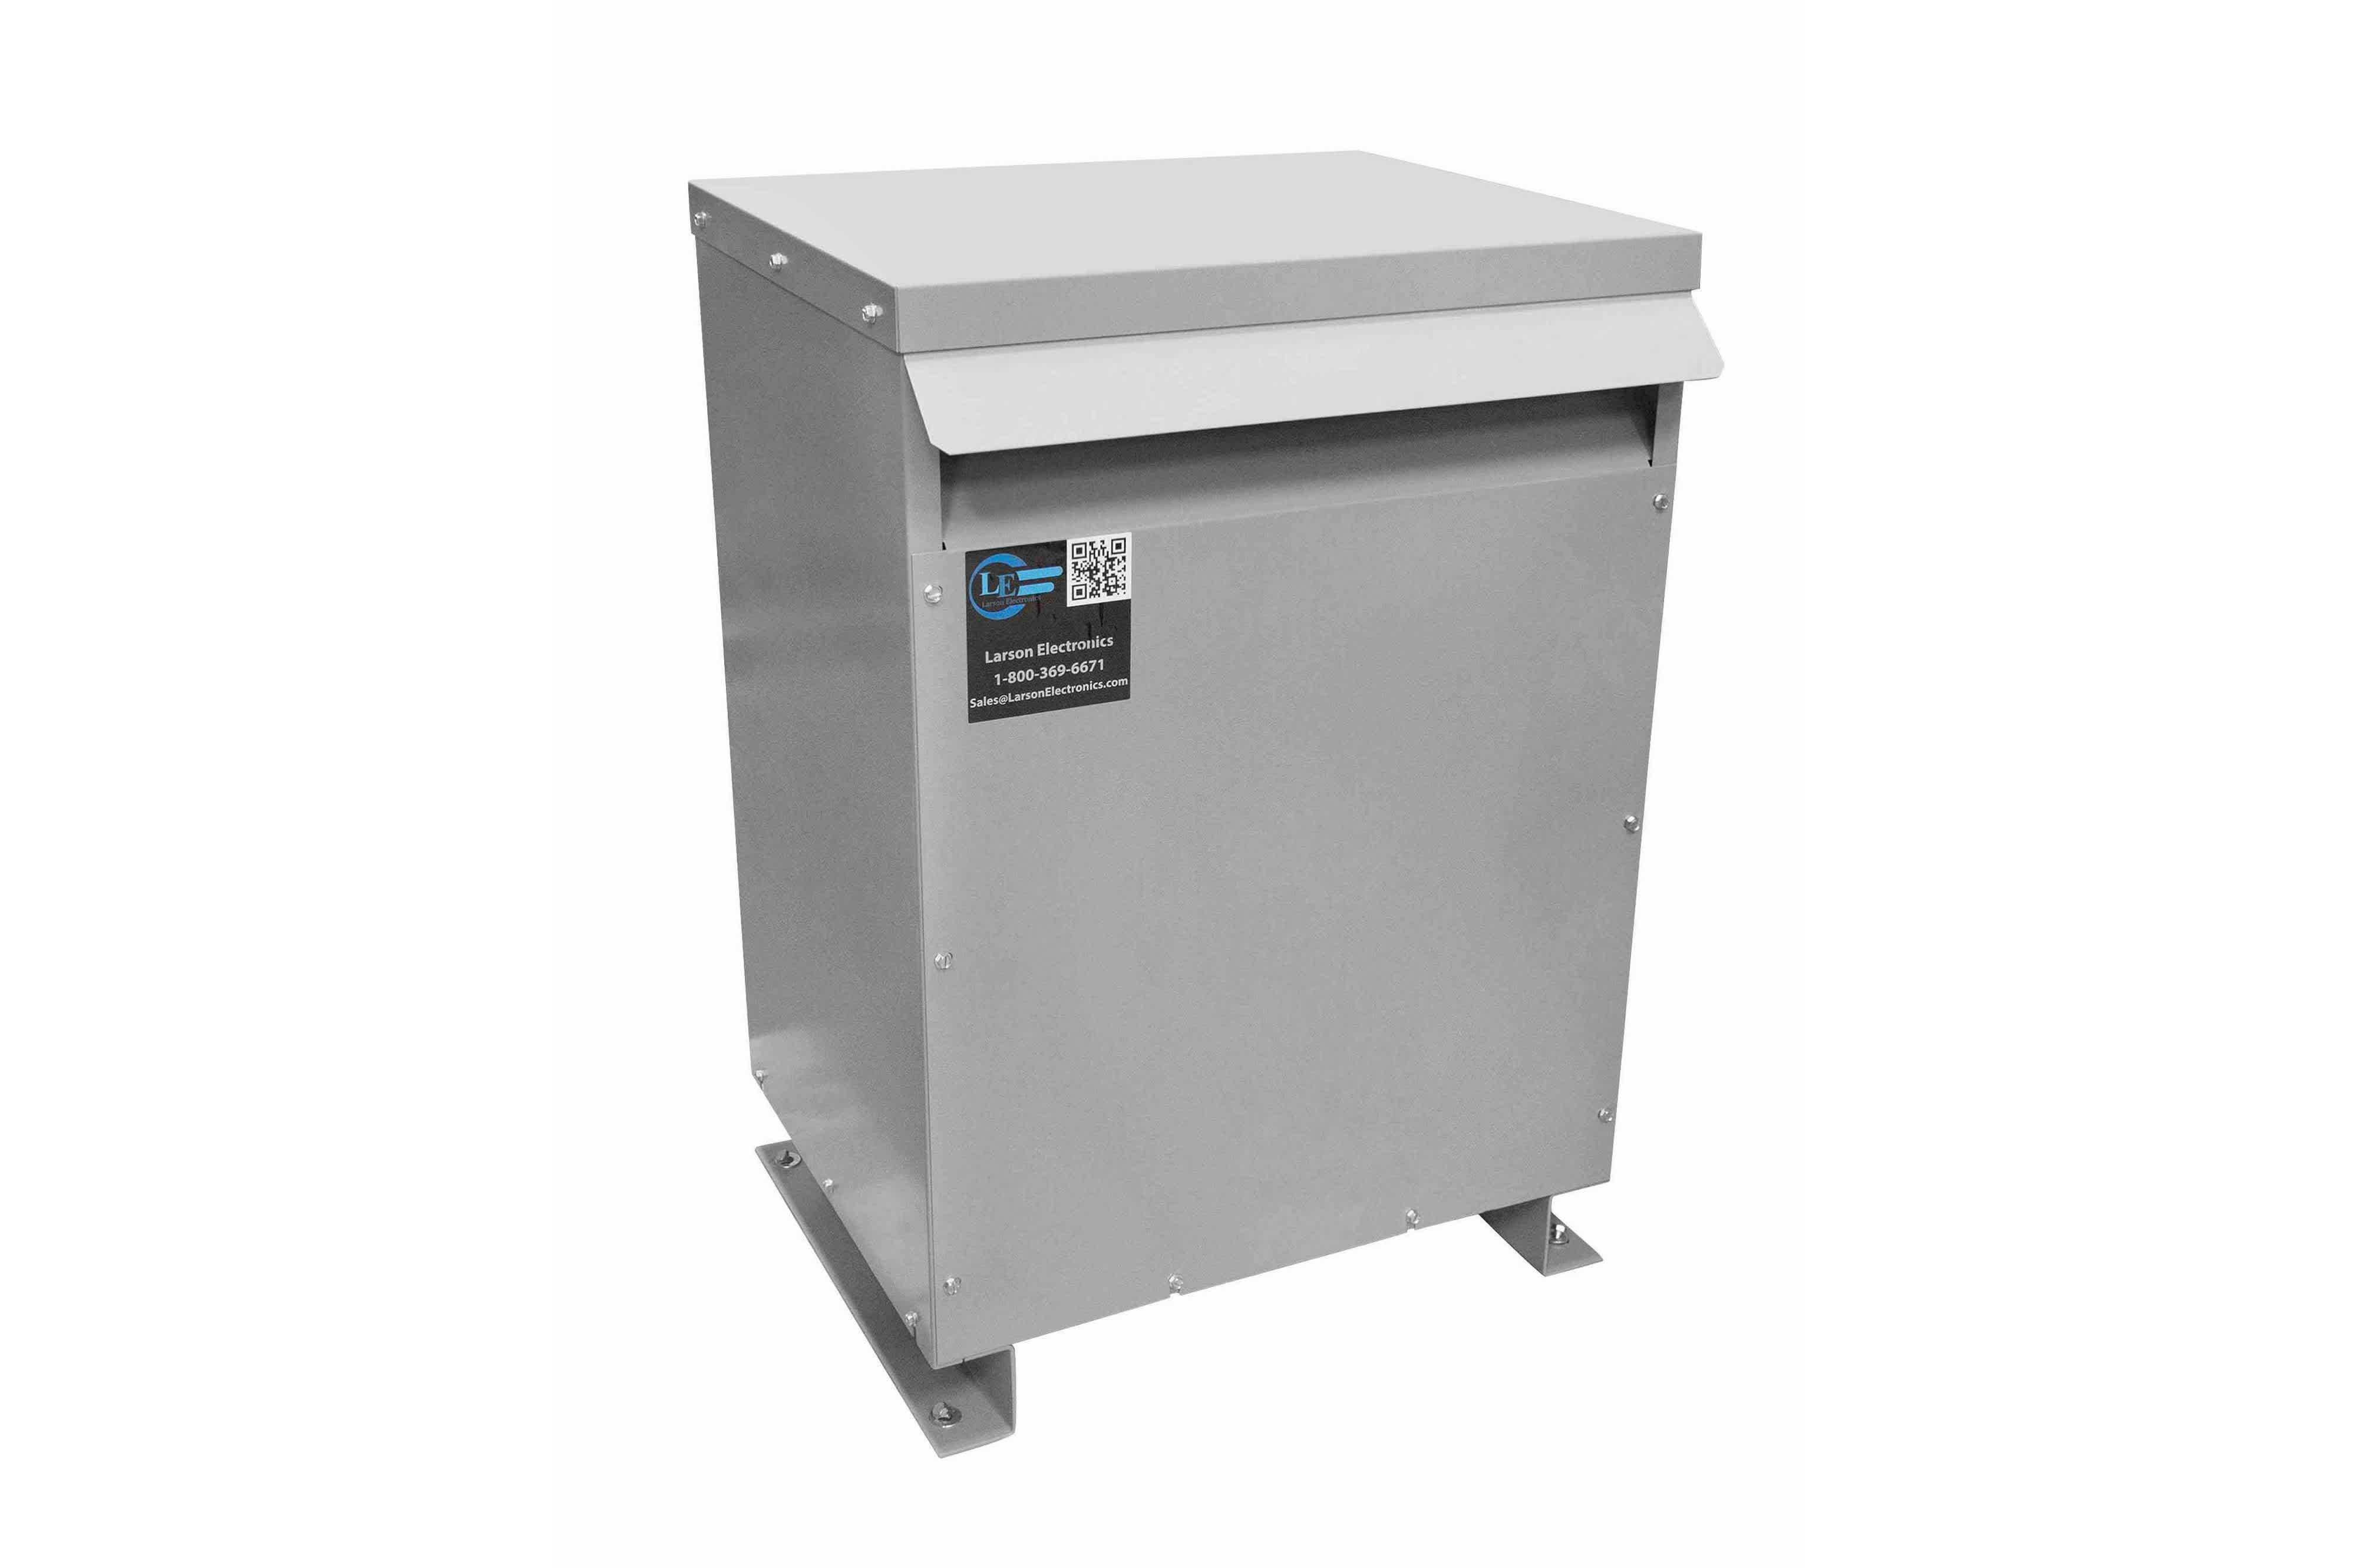 275 kVA 3PH Isolation Transformer, 400V Delta Primary, 208V Delta Secondary, N3R, Ventilated, 60 Hz